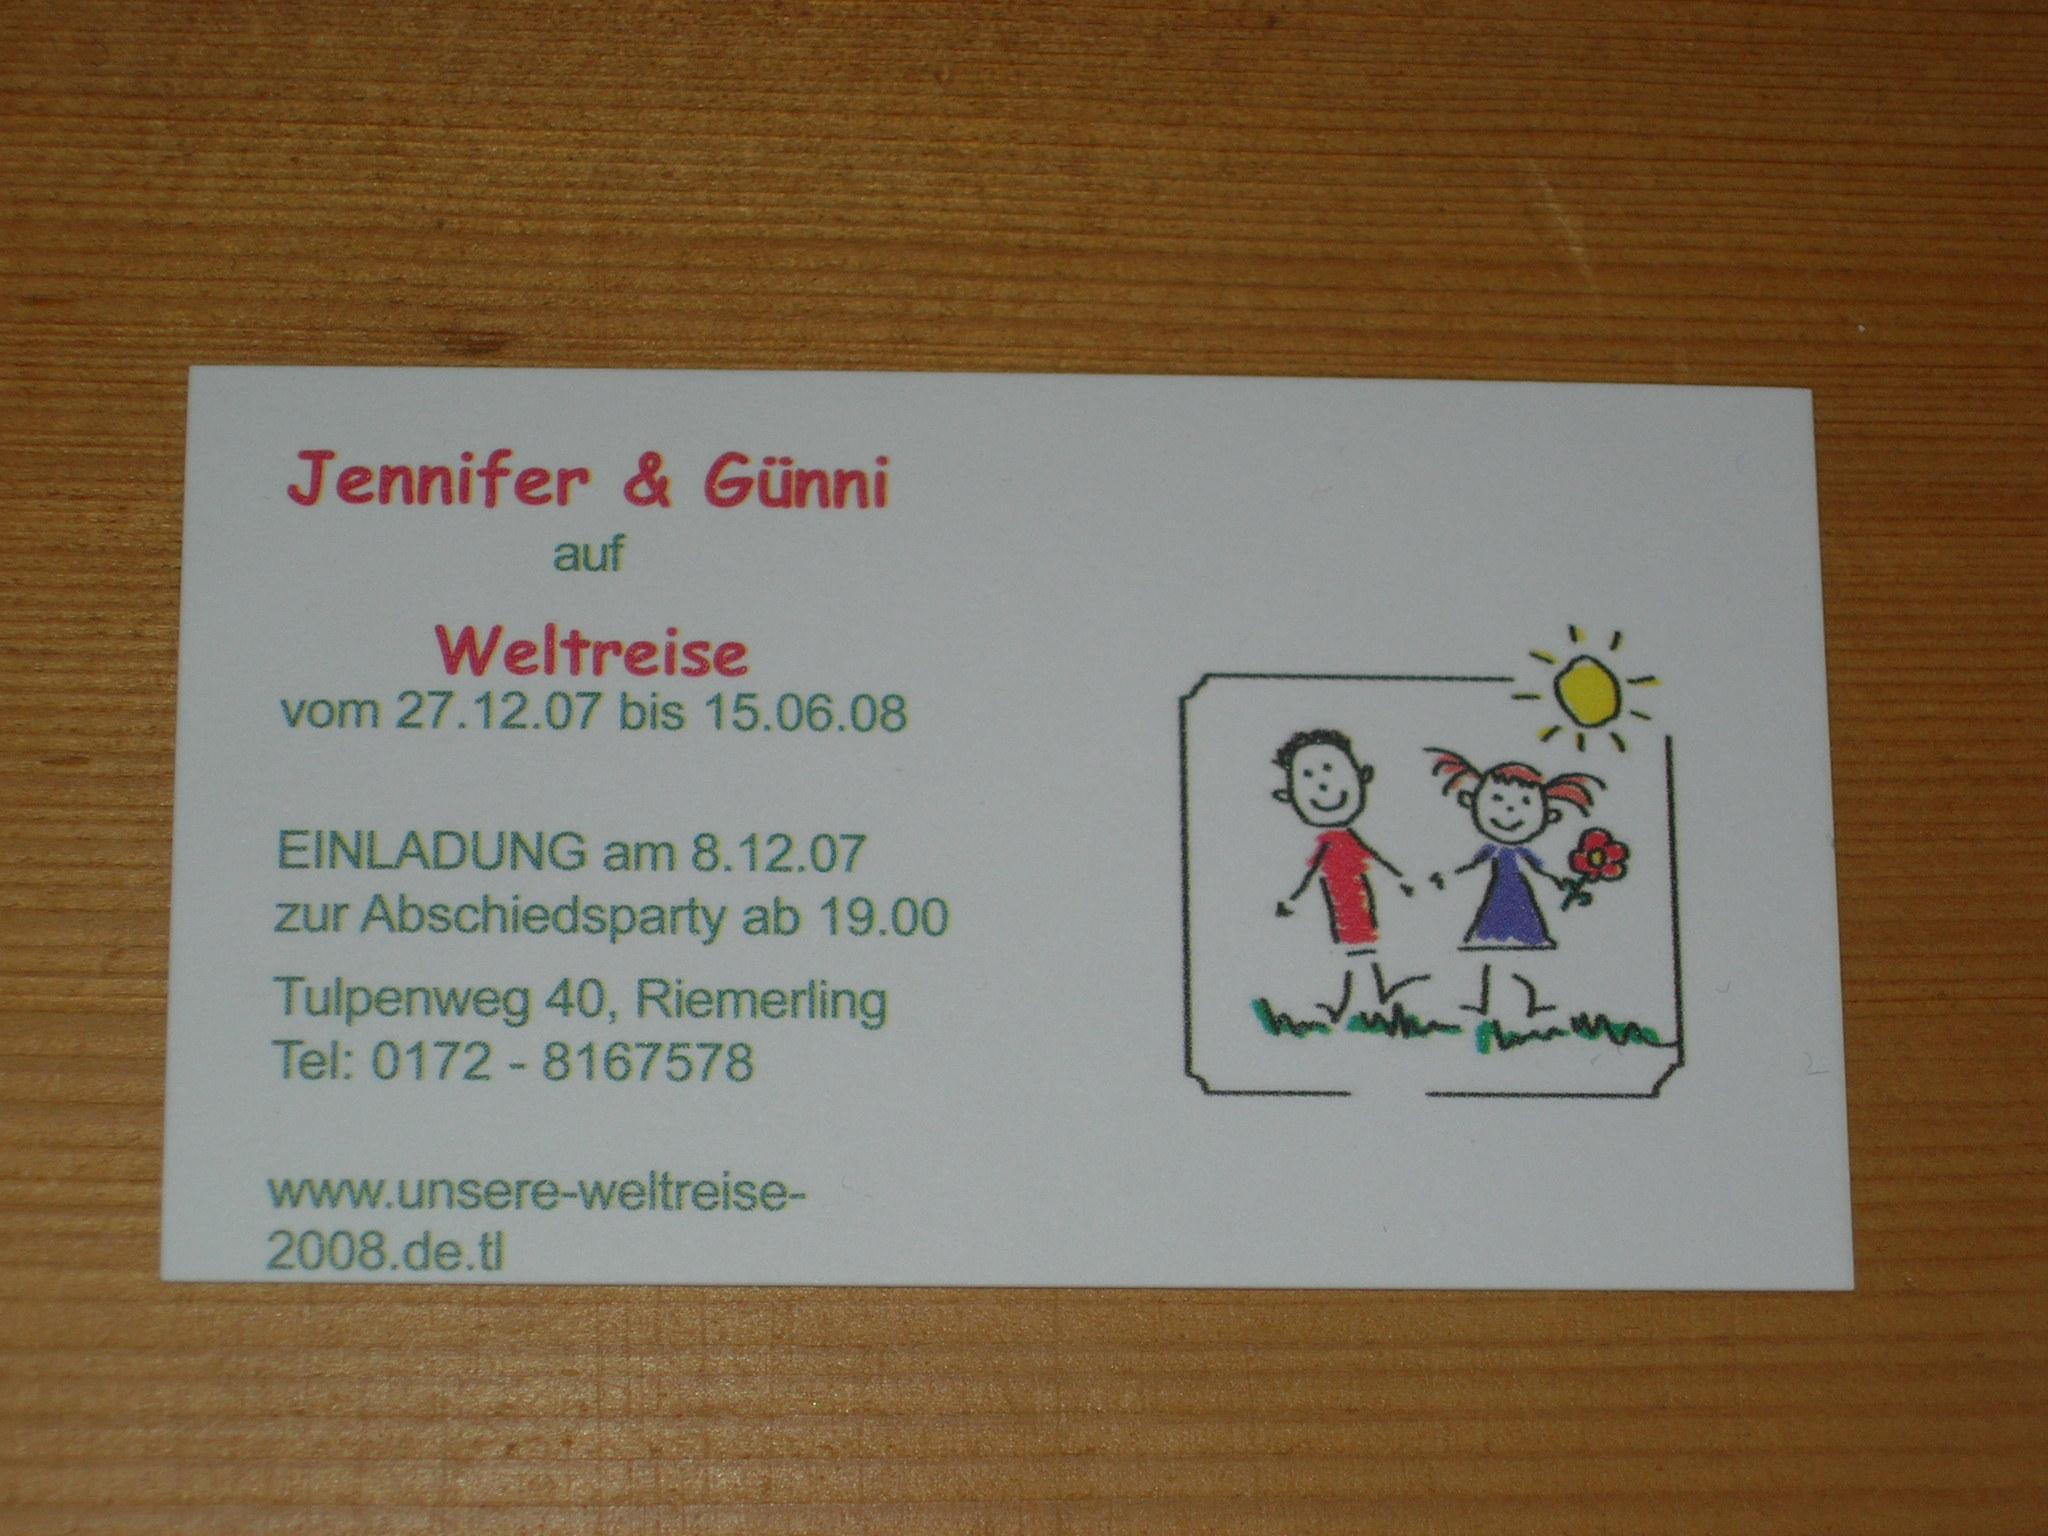 günni und jennifer auf weltreise - vorbereitungen, Einladungen